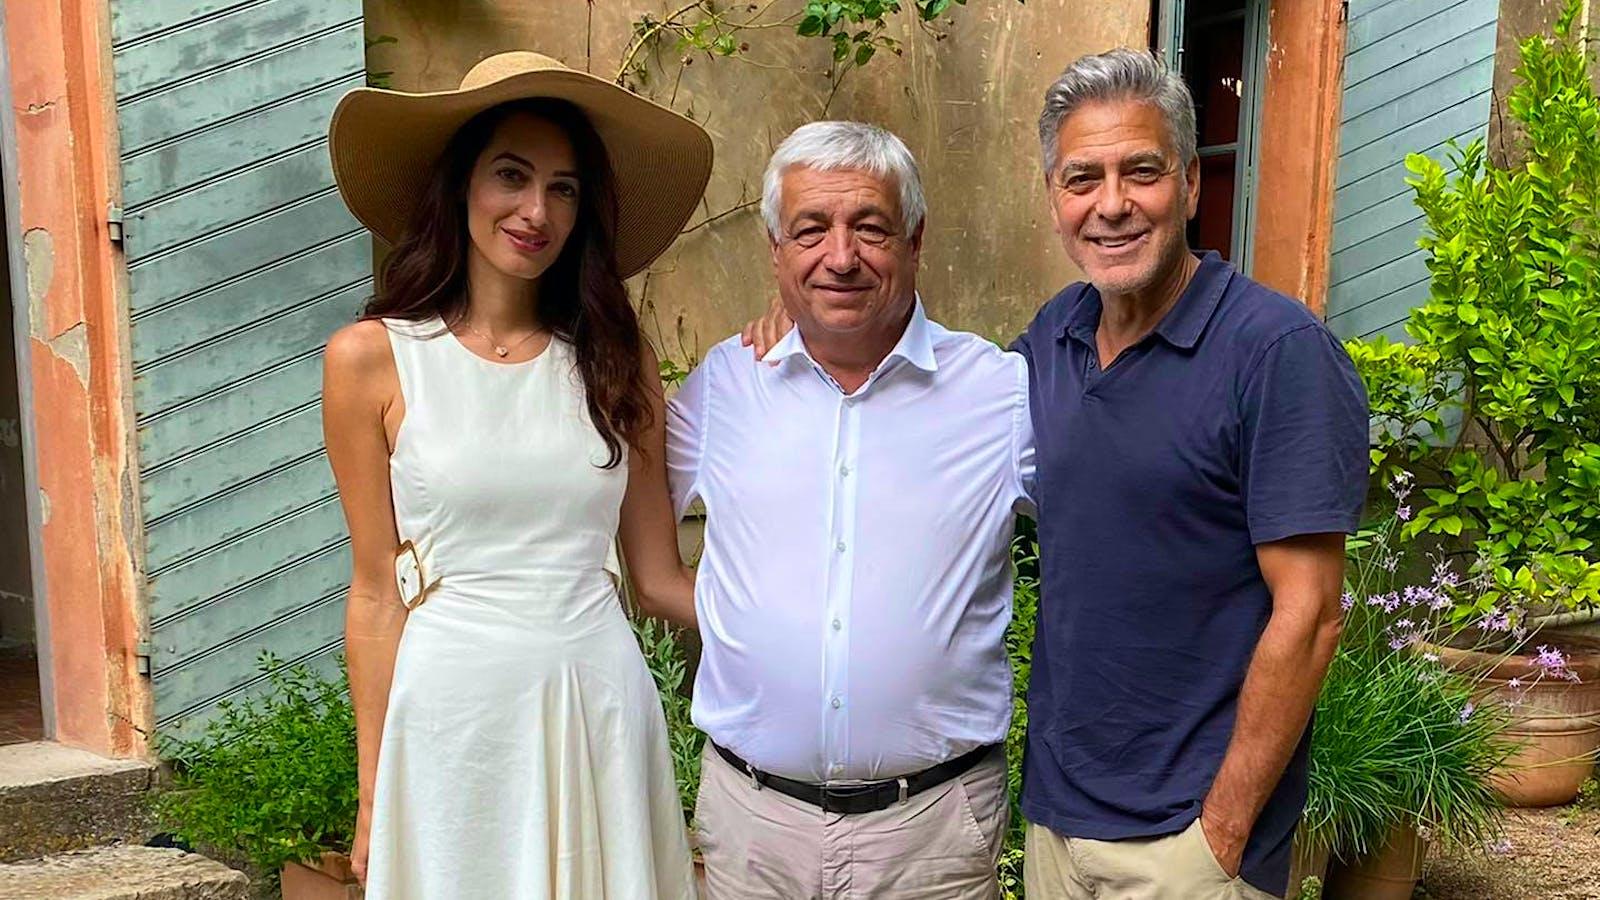 Bienvenue à Brignoles, Monsieur et Madame Clooney!